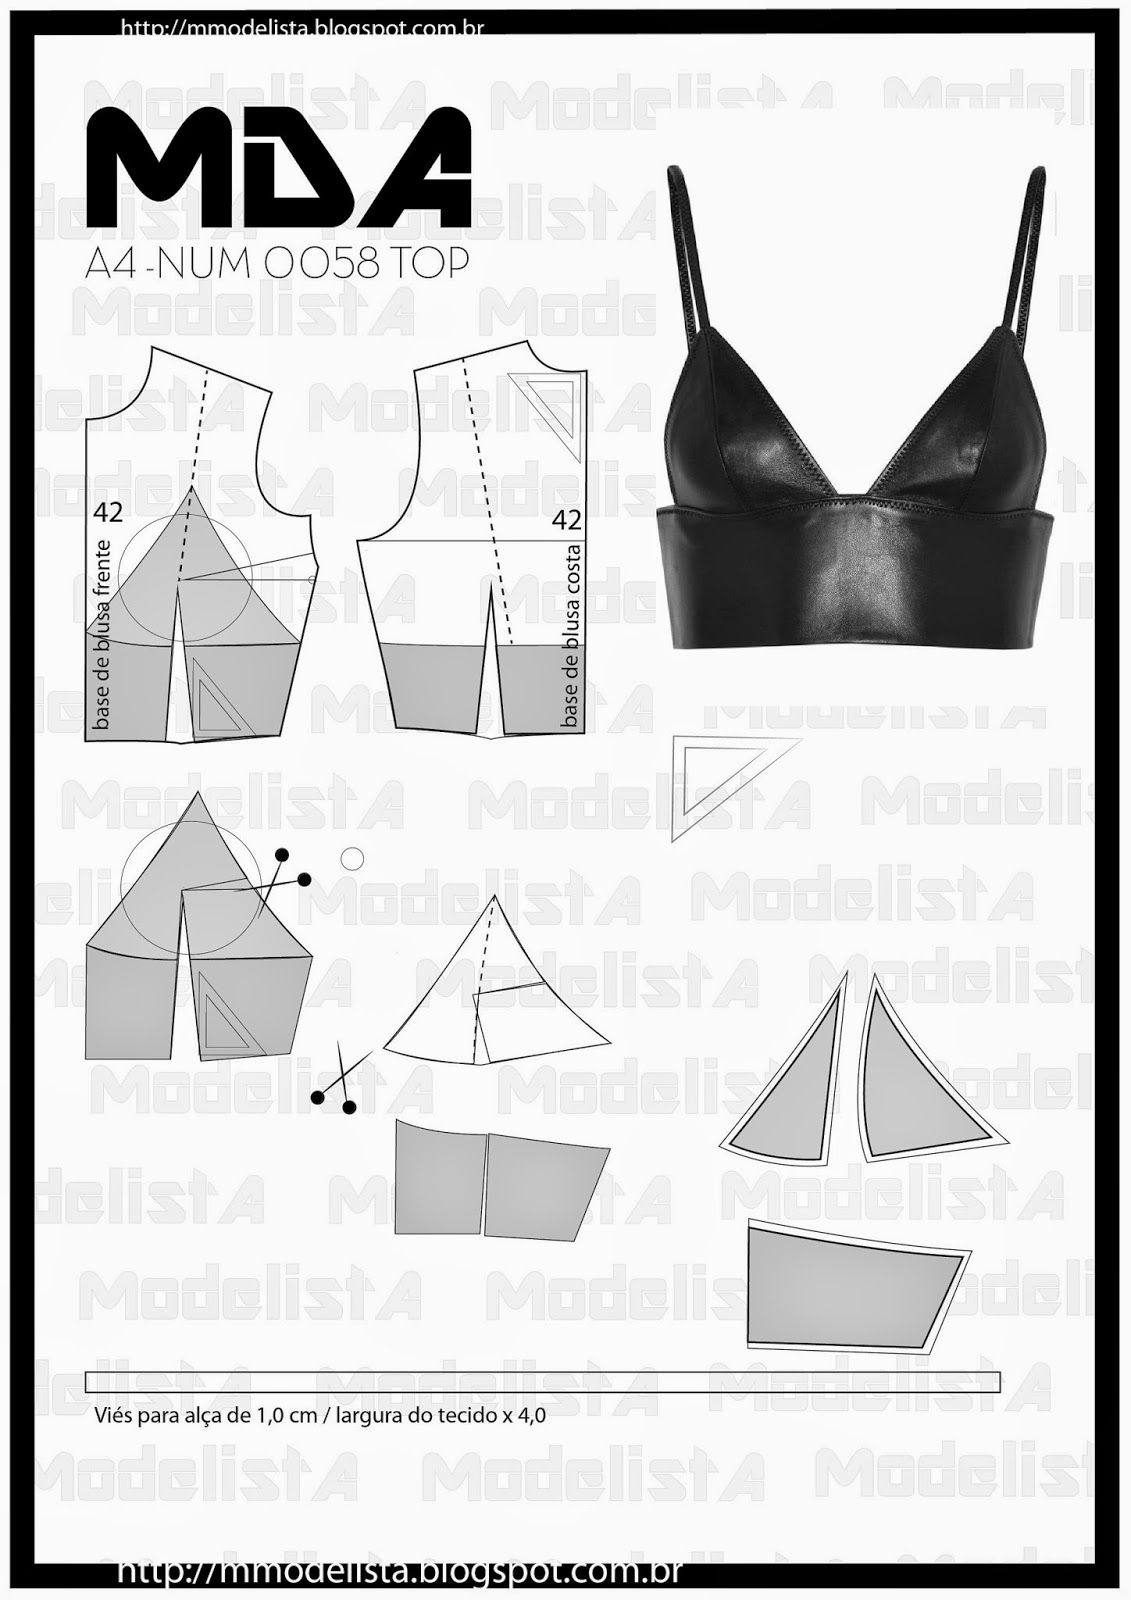 A4 NUM 0058 TOP | f. DIY | Pinterest | Molde, Patrones y Costura